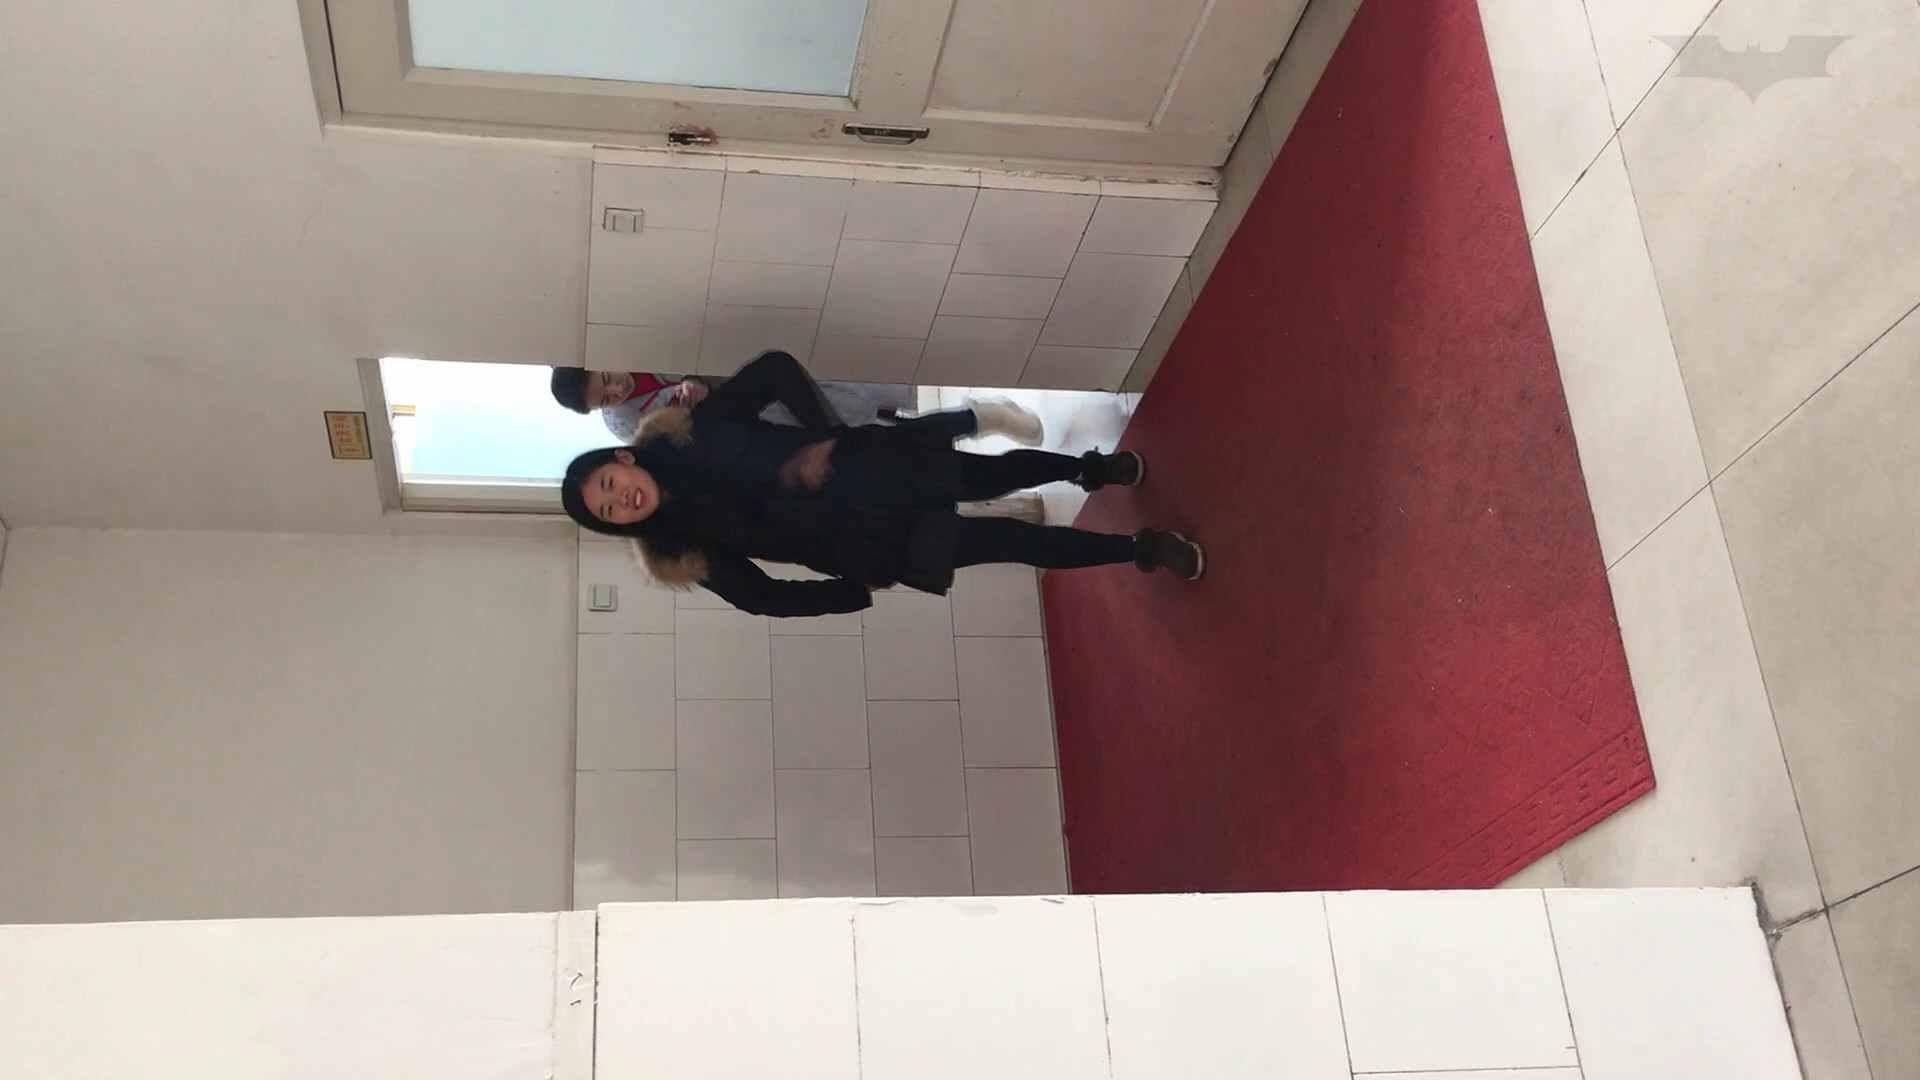 芸術大学ガチ潜入盗撮 JD盗撮 美女の洗面所の秘密 Vol.91 トイレ  72PIX 65